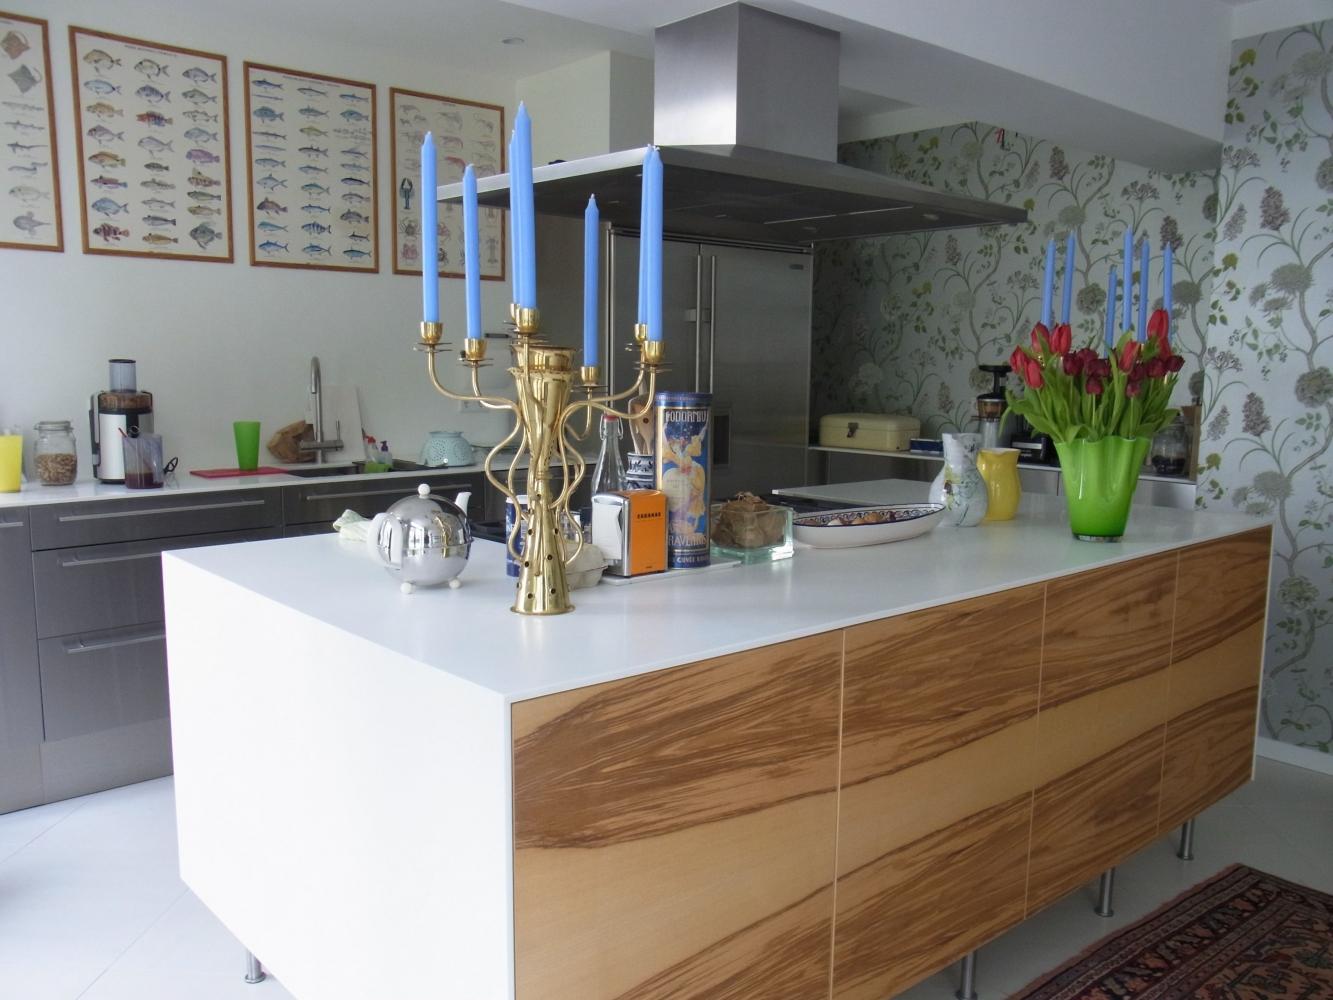 Design Keuken Decoratie : Van steef keukens